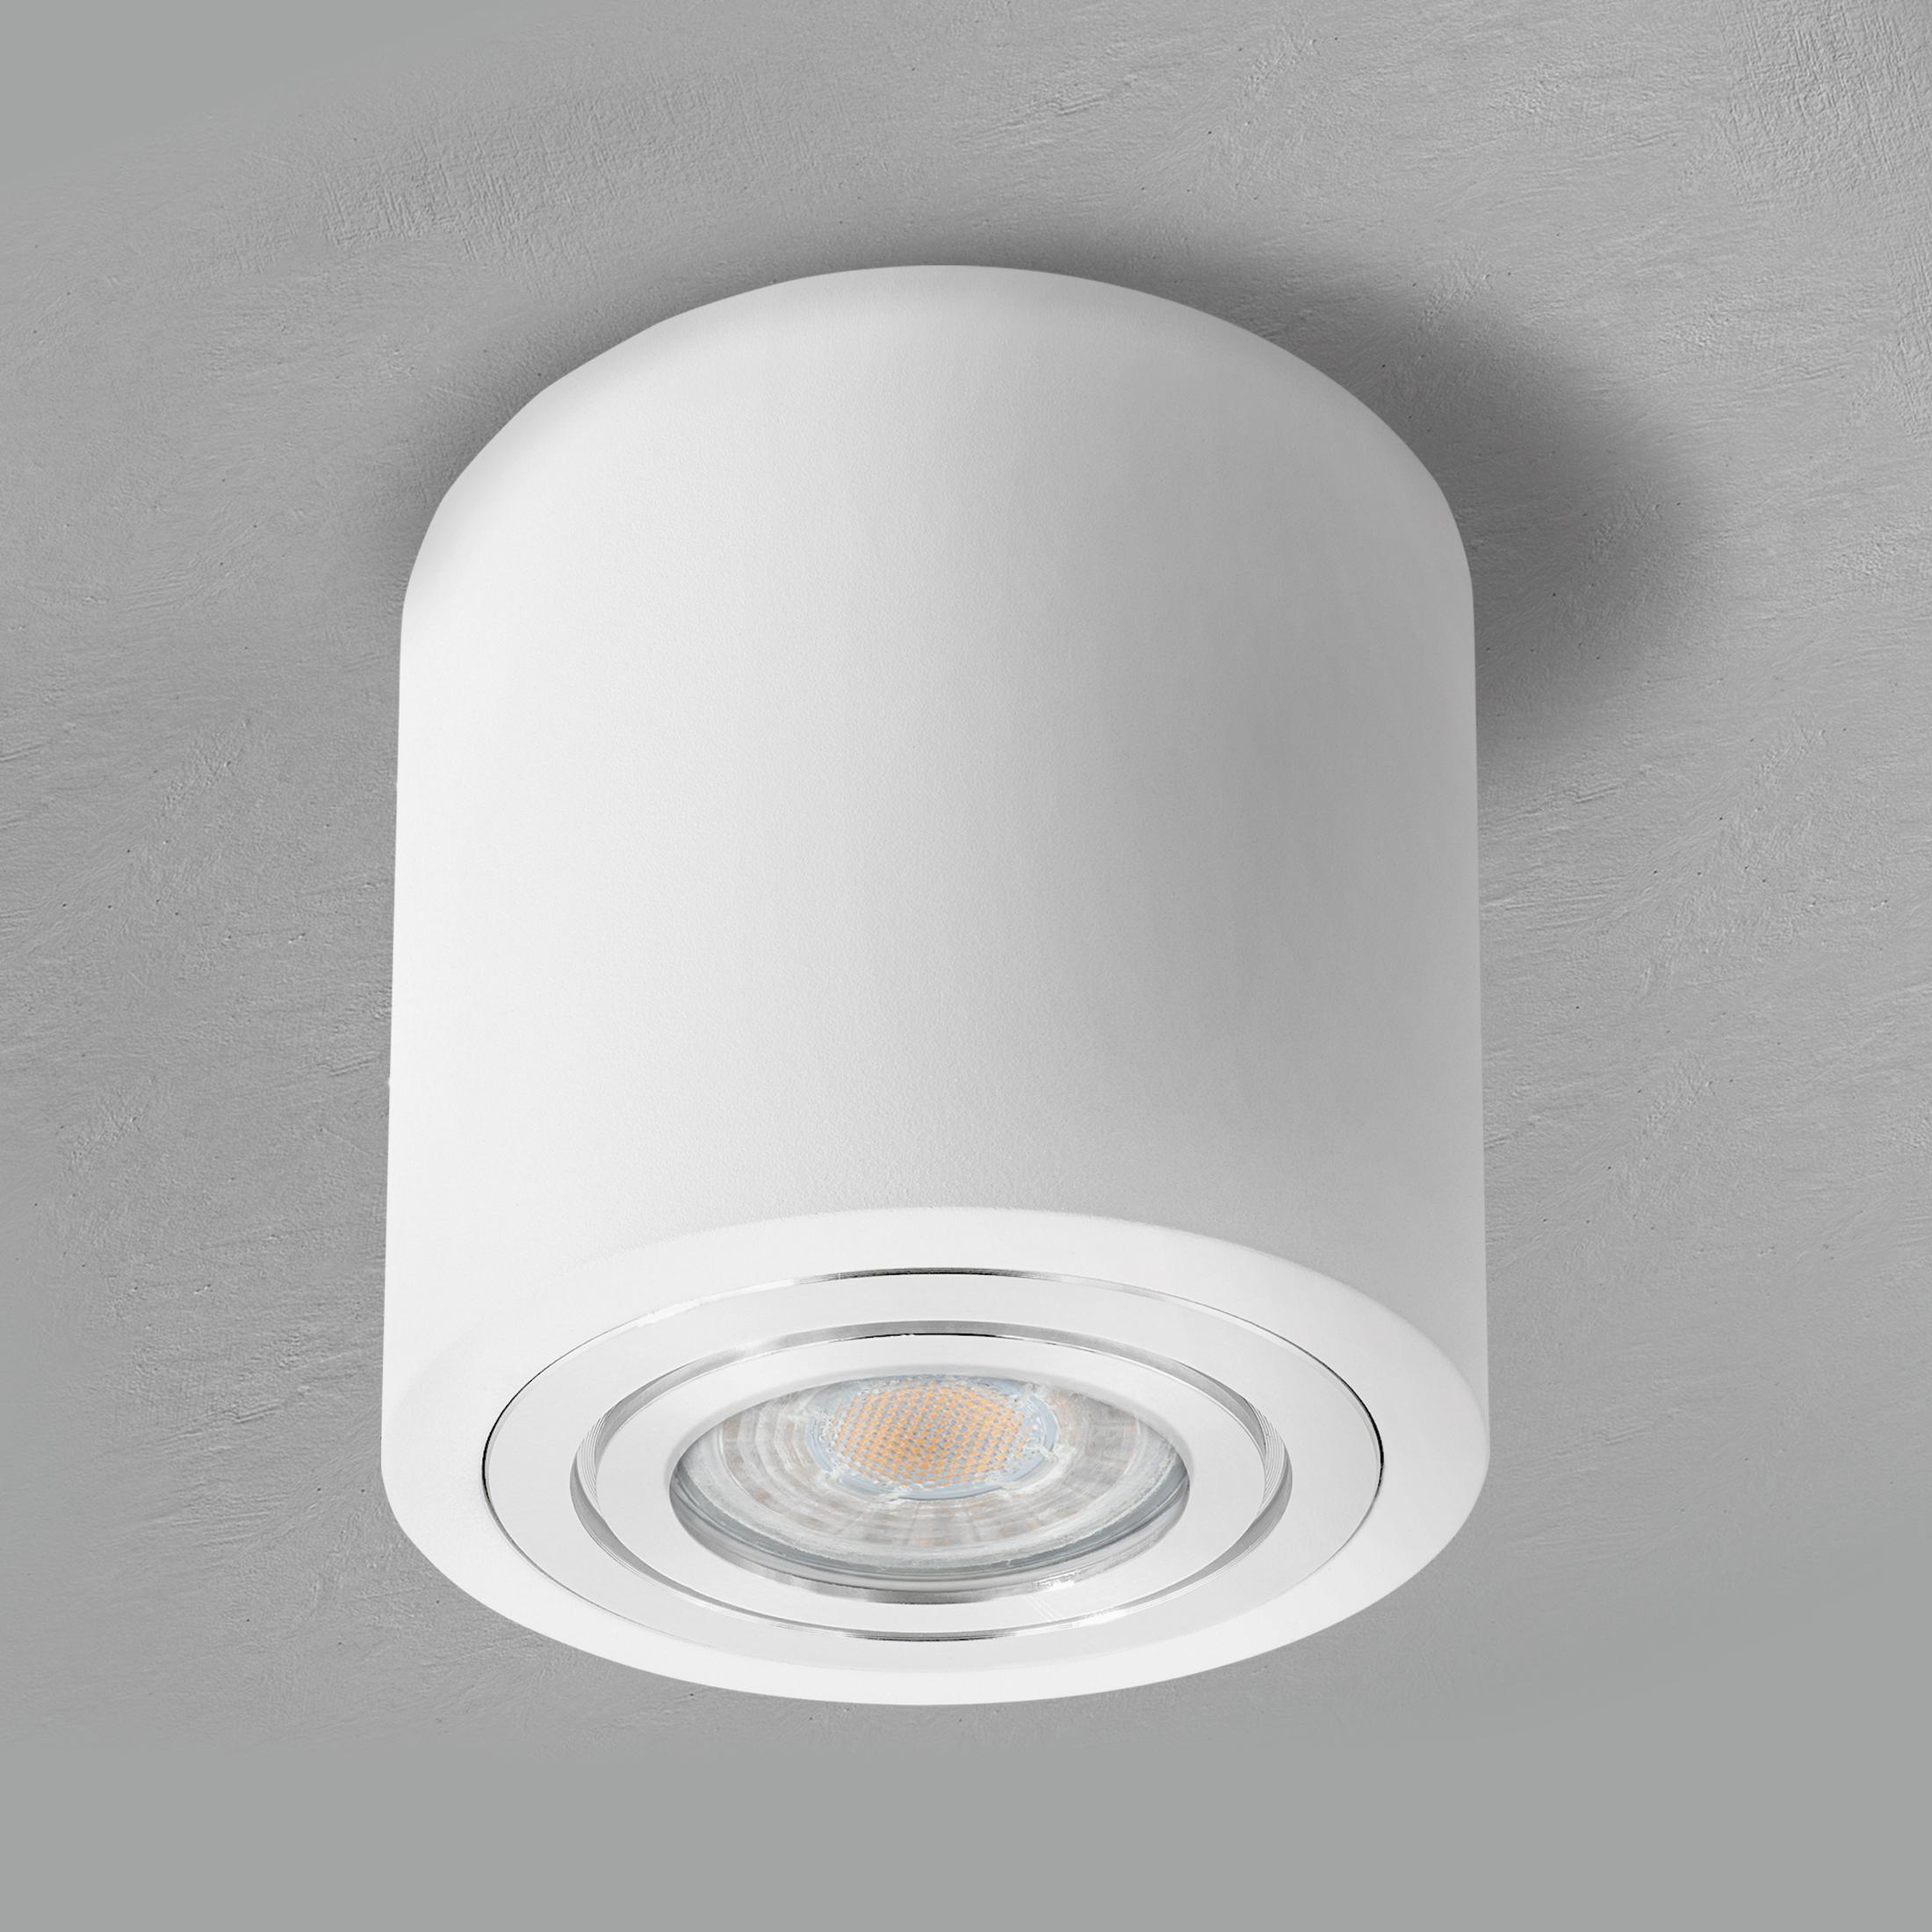 LED Deckenleuchte Bad IP20 inkl. LED GU20 20W warmweiß Aufbauspot in weiß &  rund